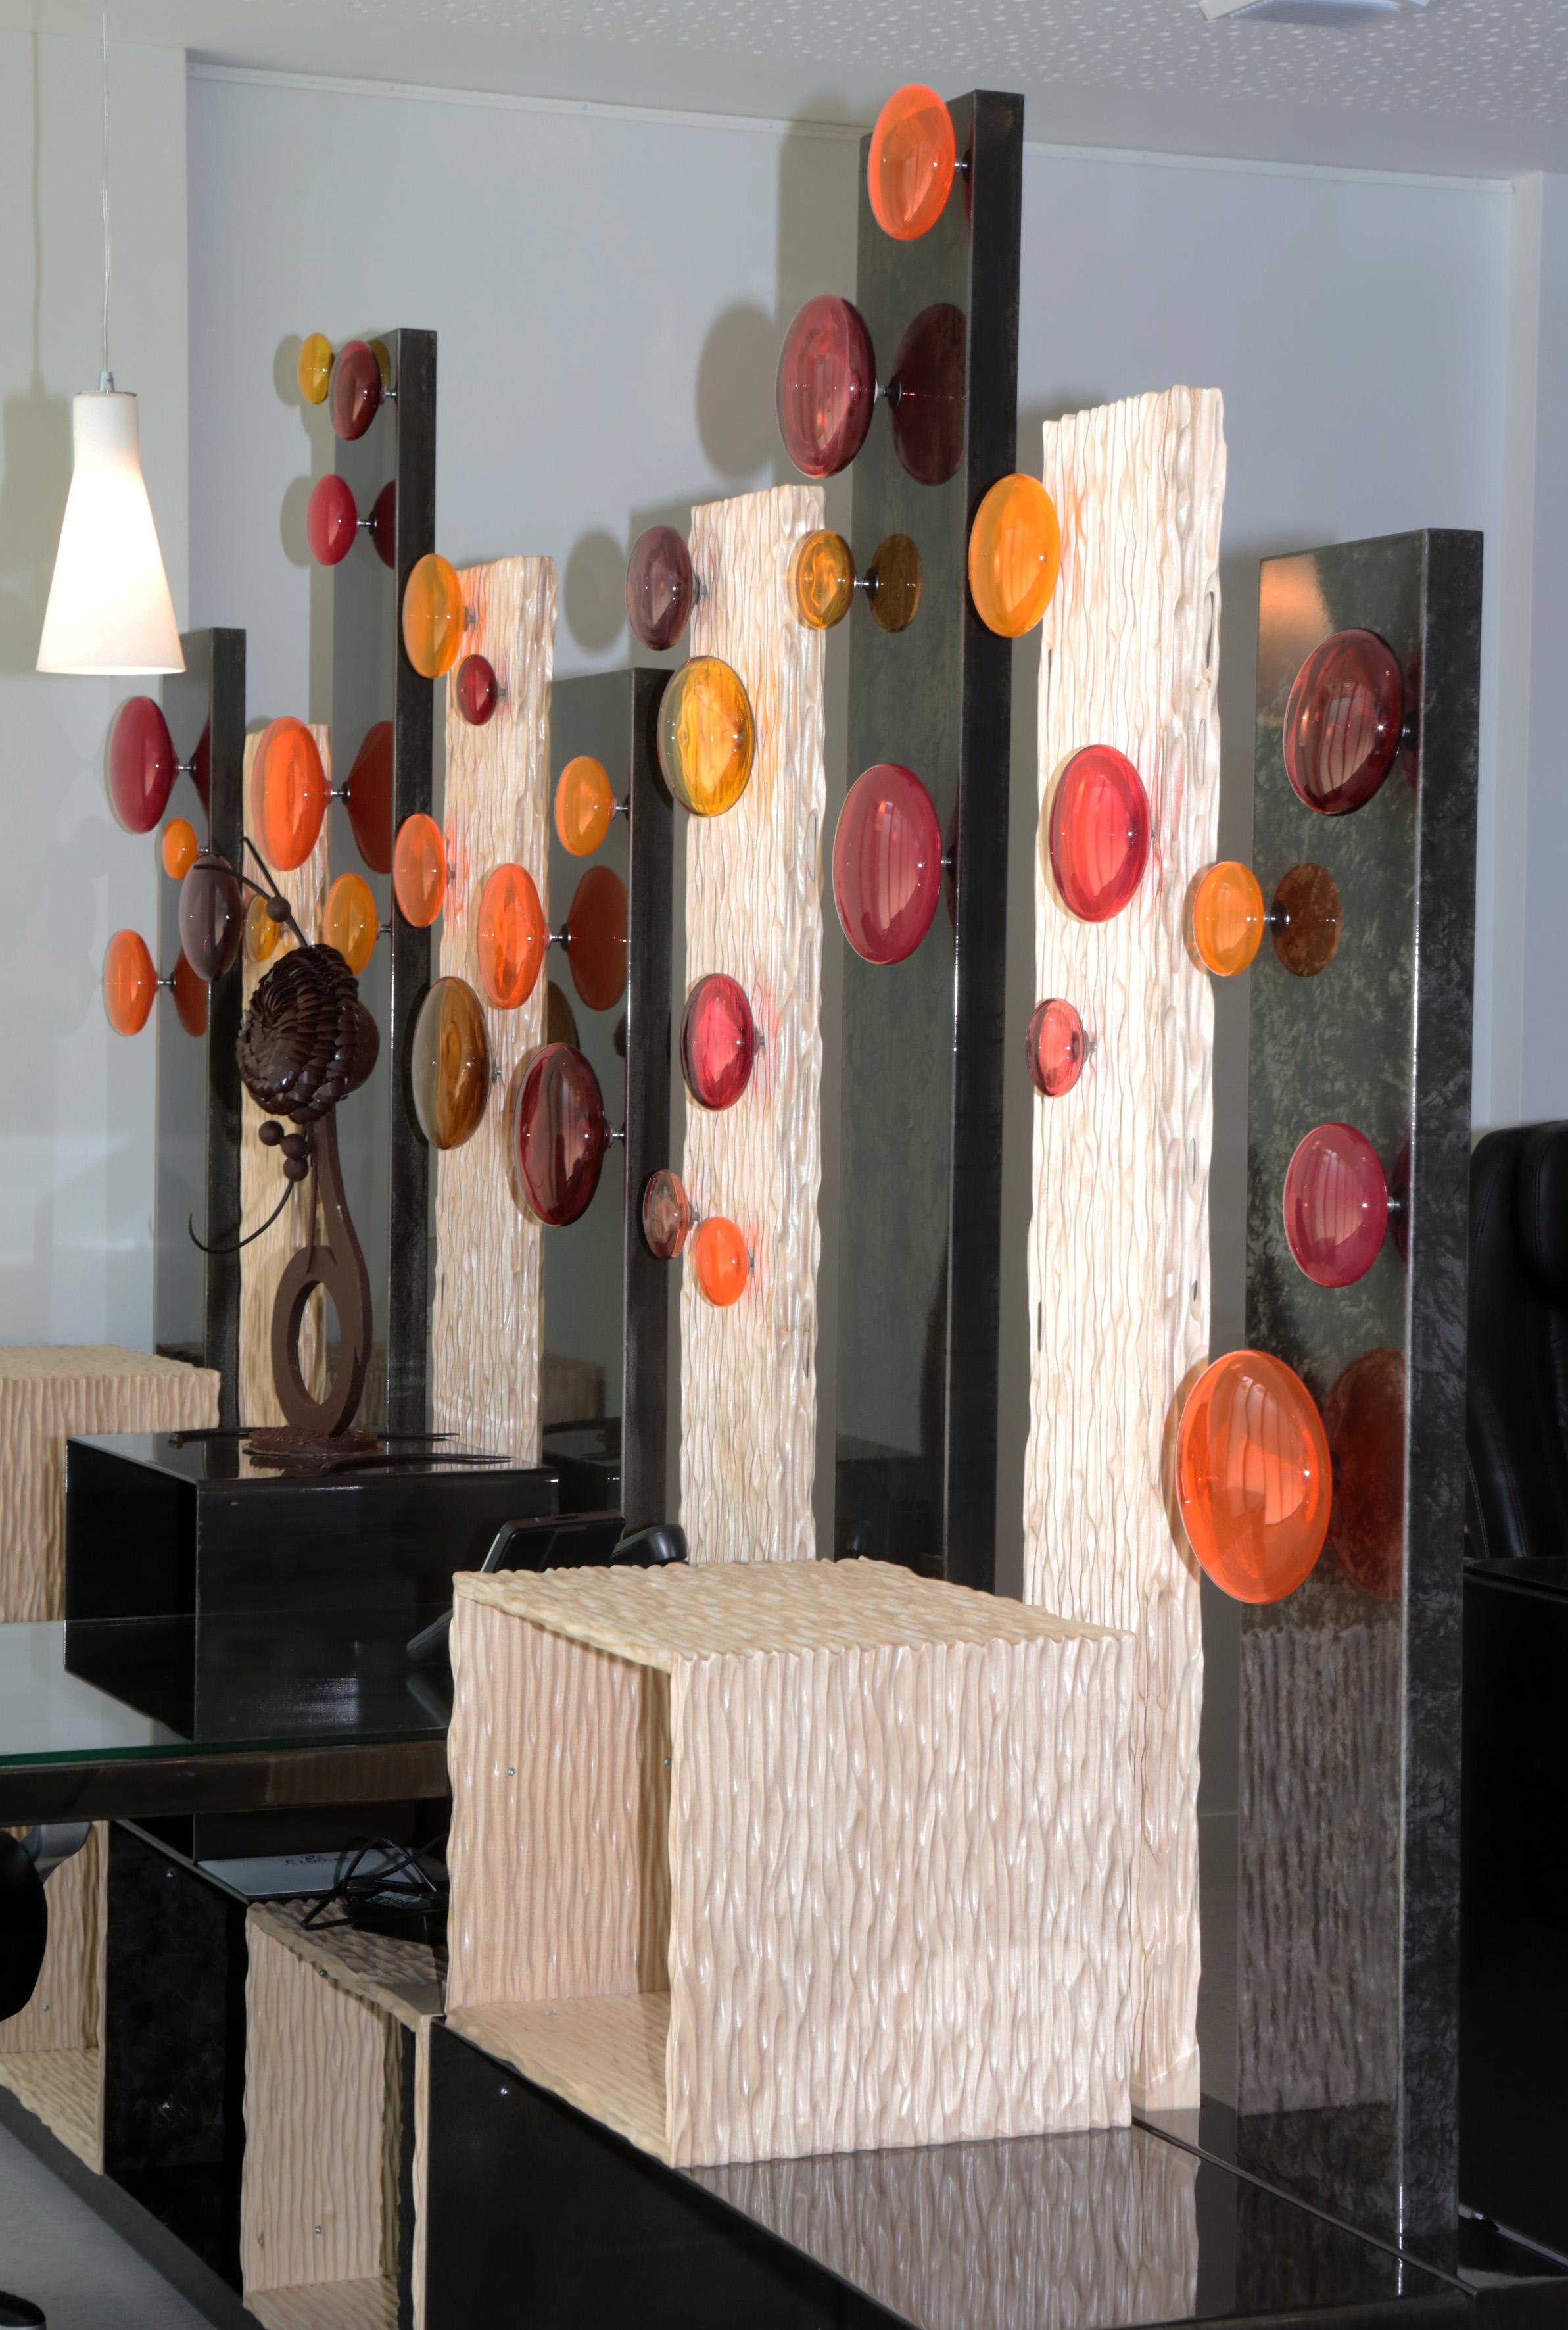 chambre de m tiers et de l 39 artisanat evry l 39 atelier h s m tallerie t lerie ferronnerie. Black Bedroom Furniture Sets. Home Design Ideas